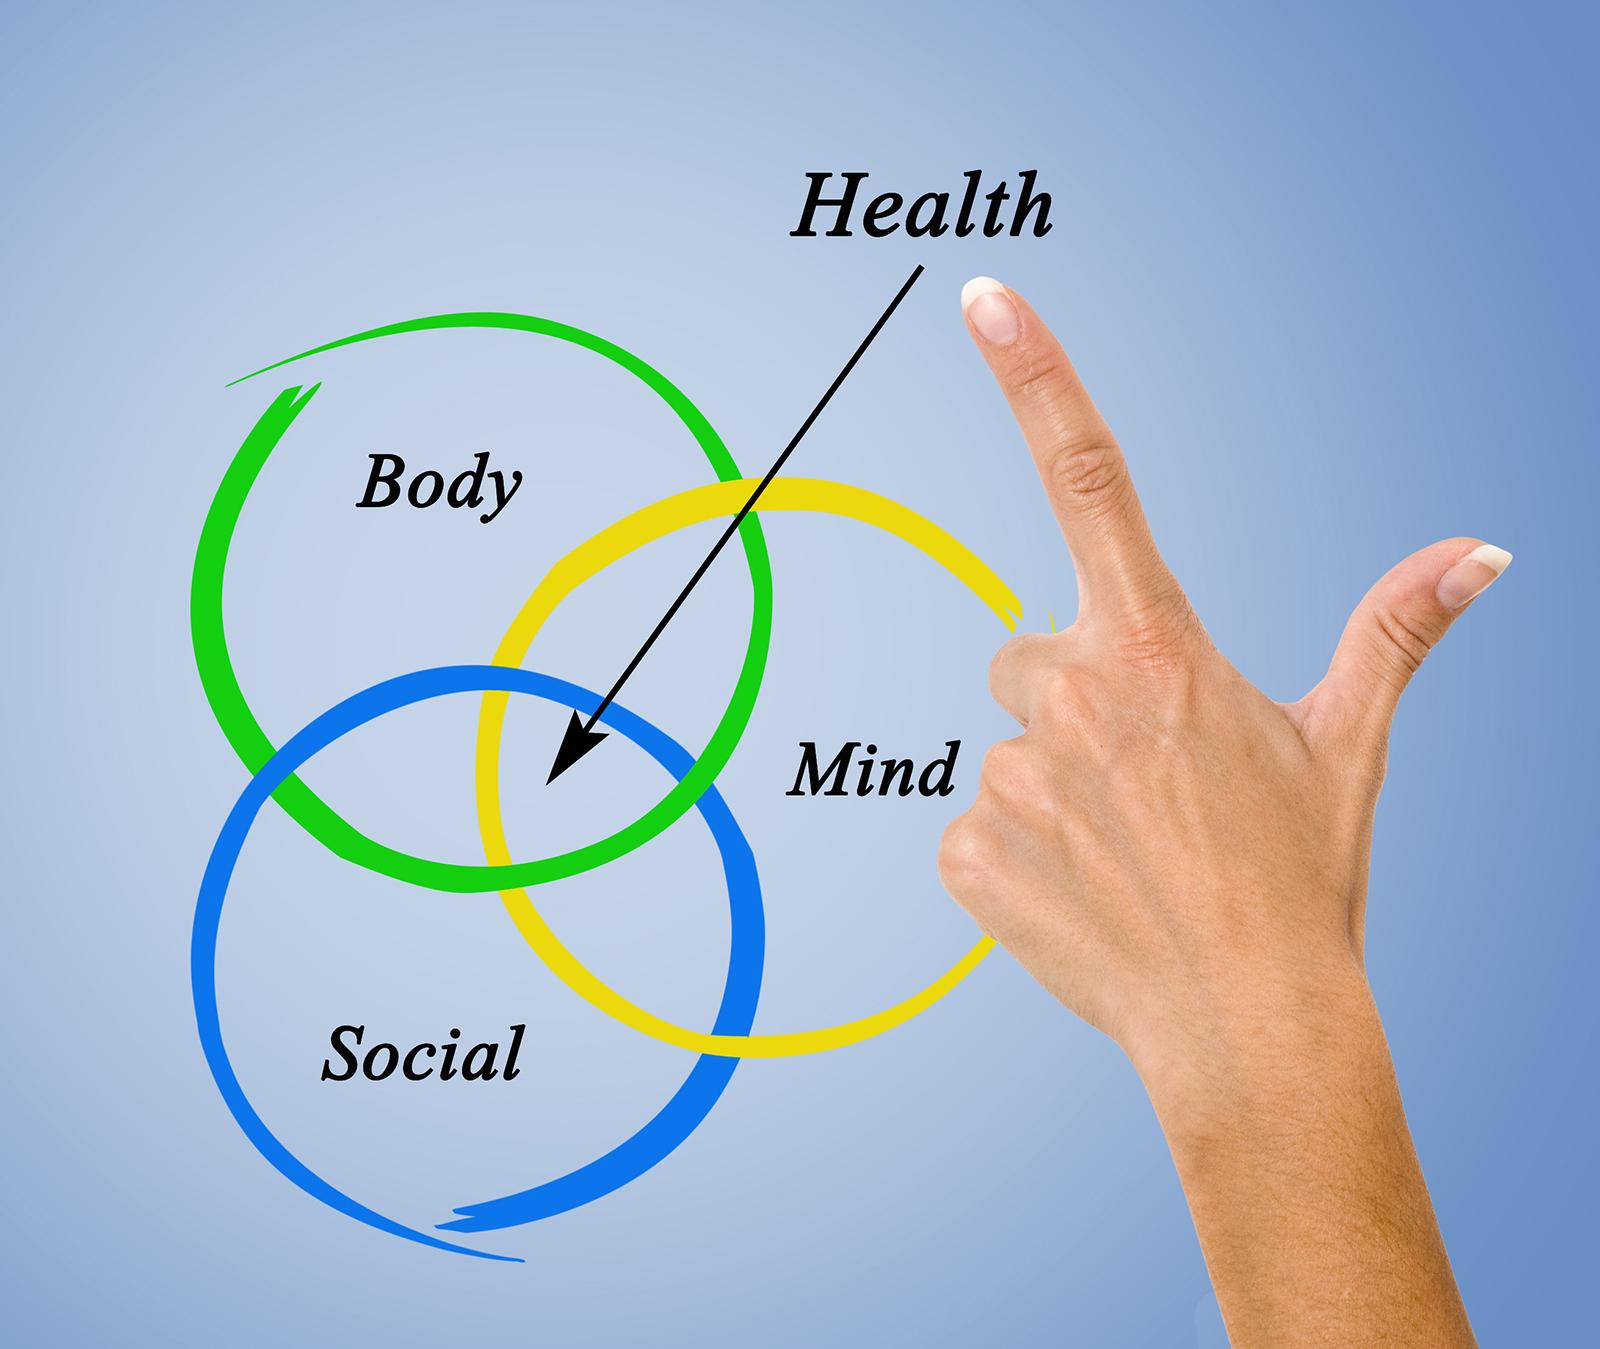 health-e-arizona plus at https //www.healthearizonaplus.gov/